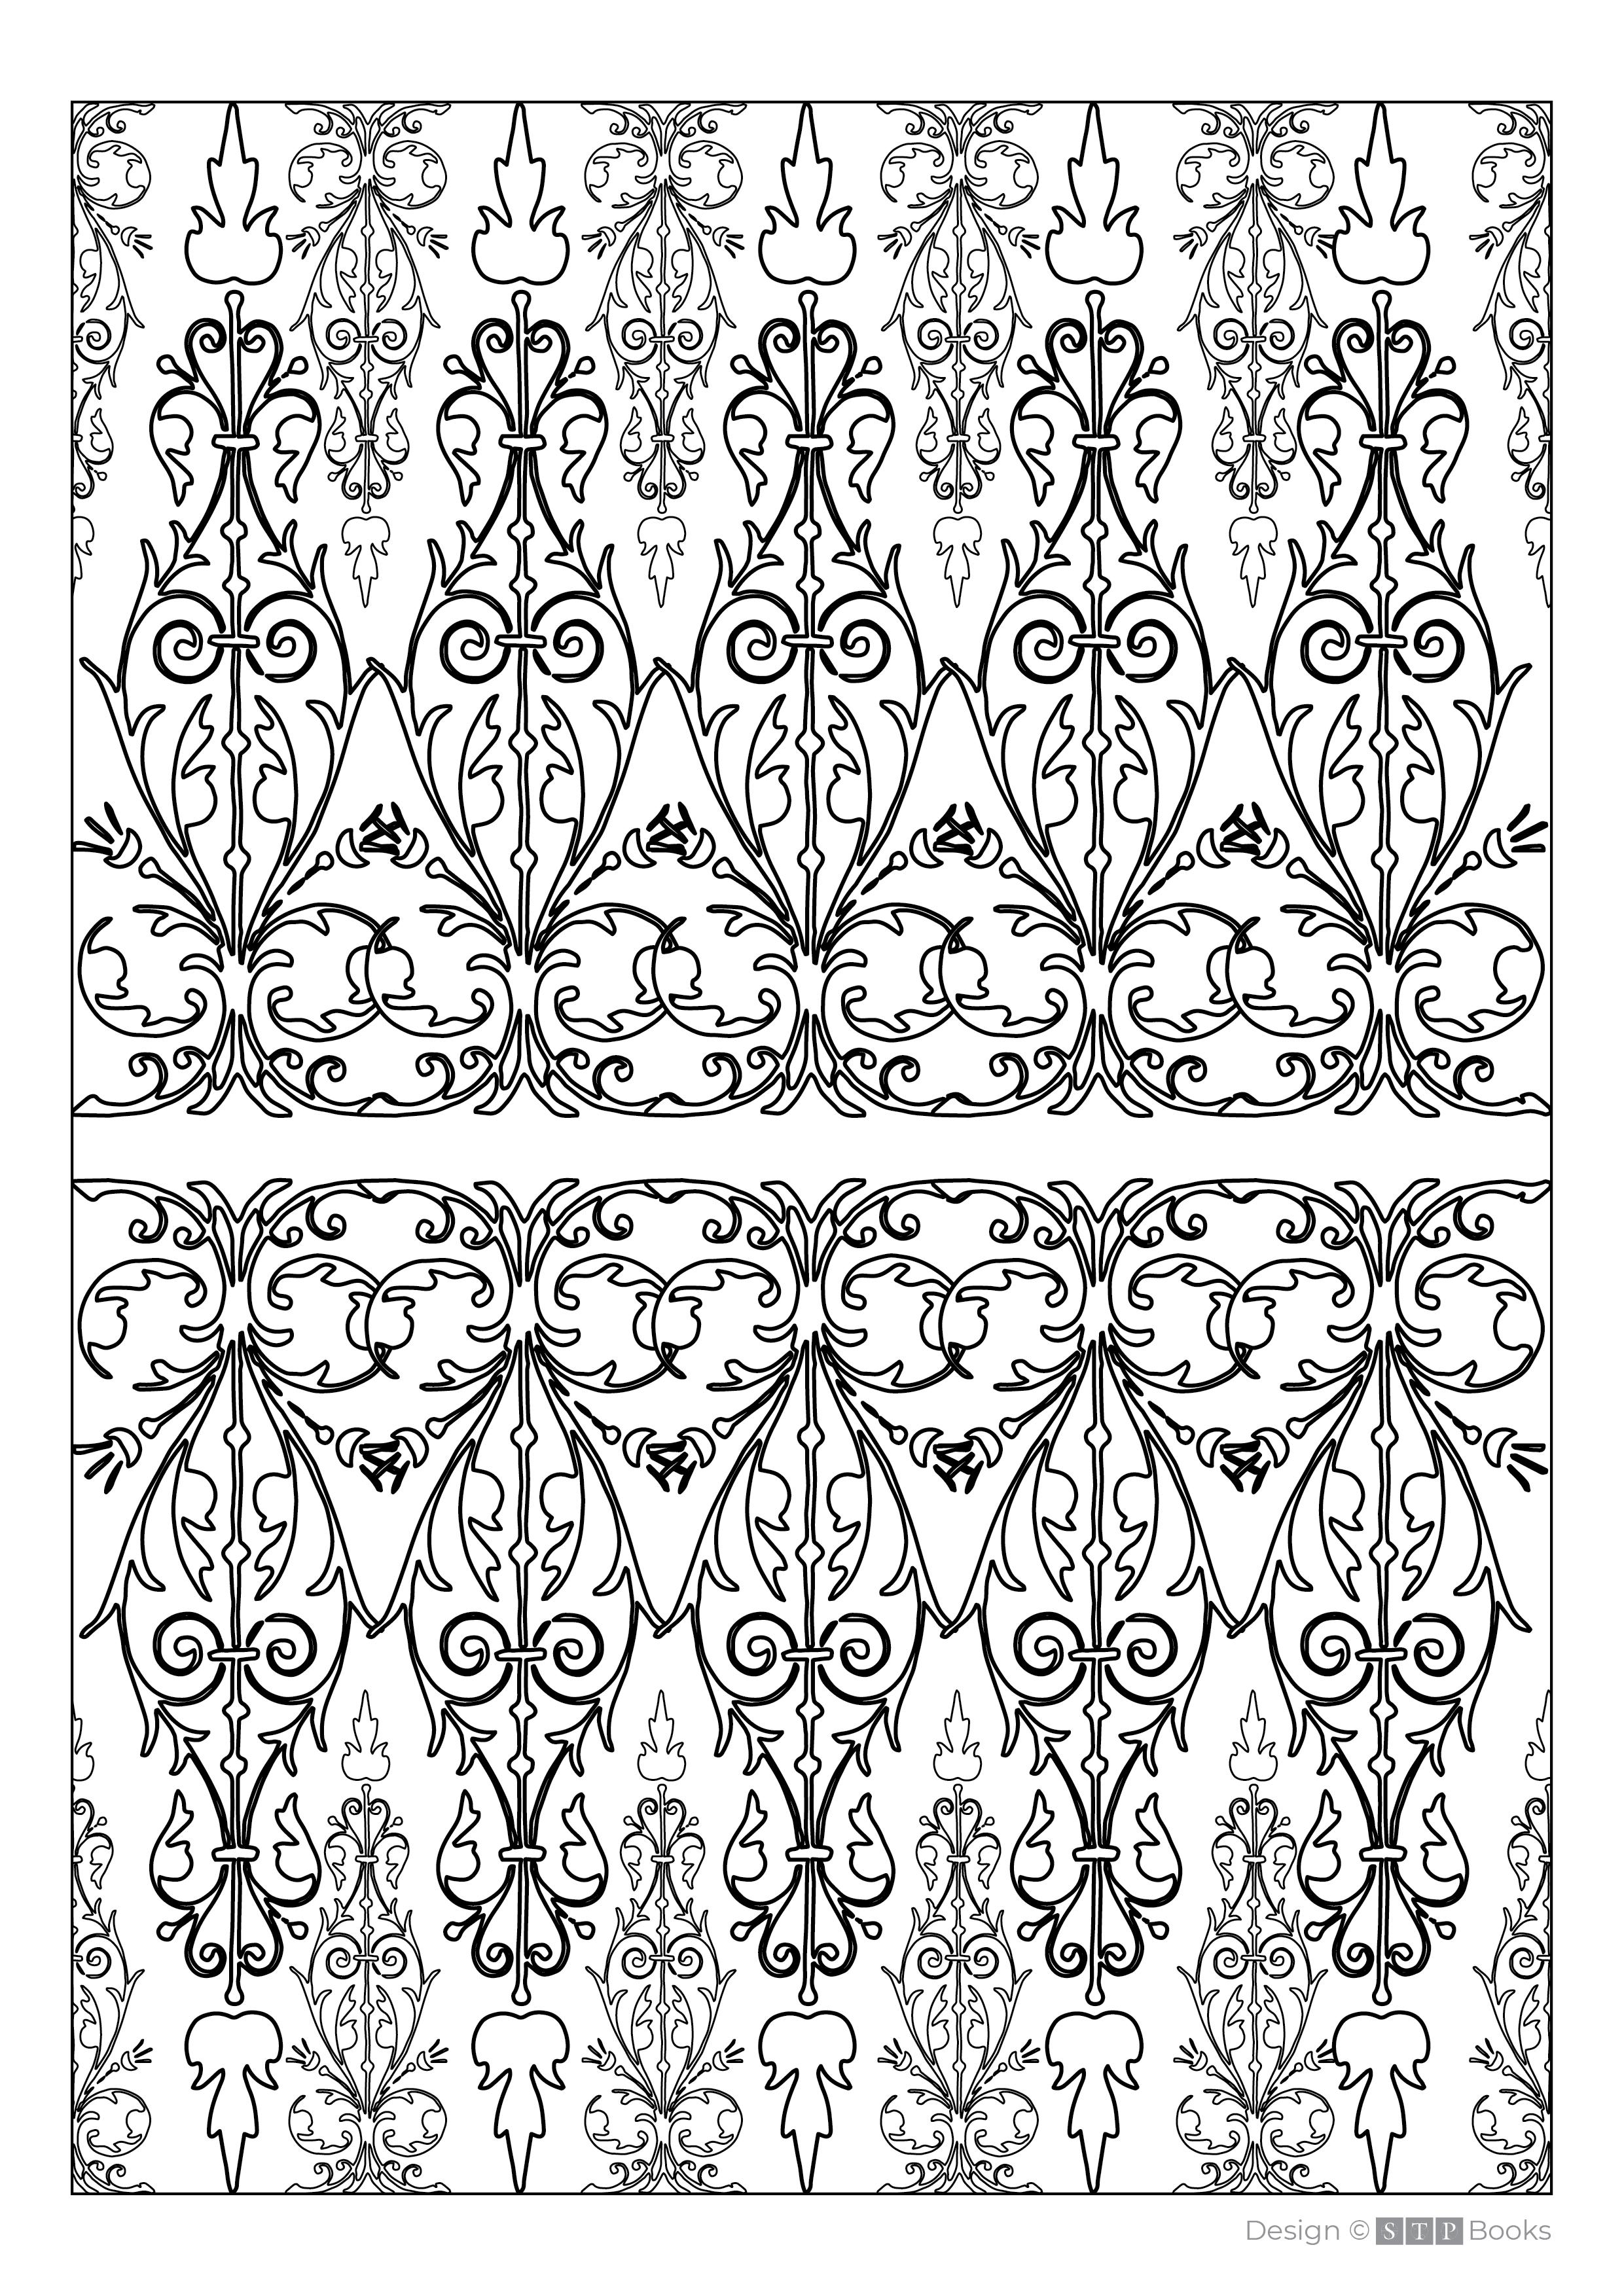 Free Adult Colouring Page Parents Teachers Decorative Design 005 STP Books.png